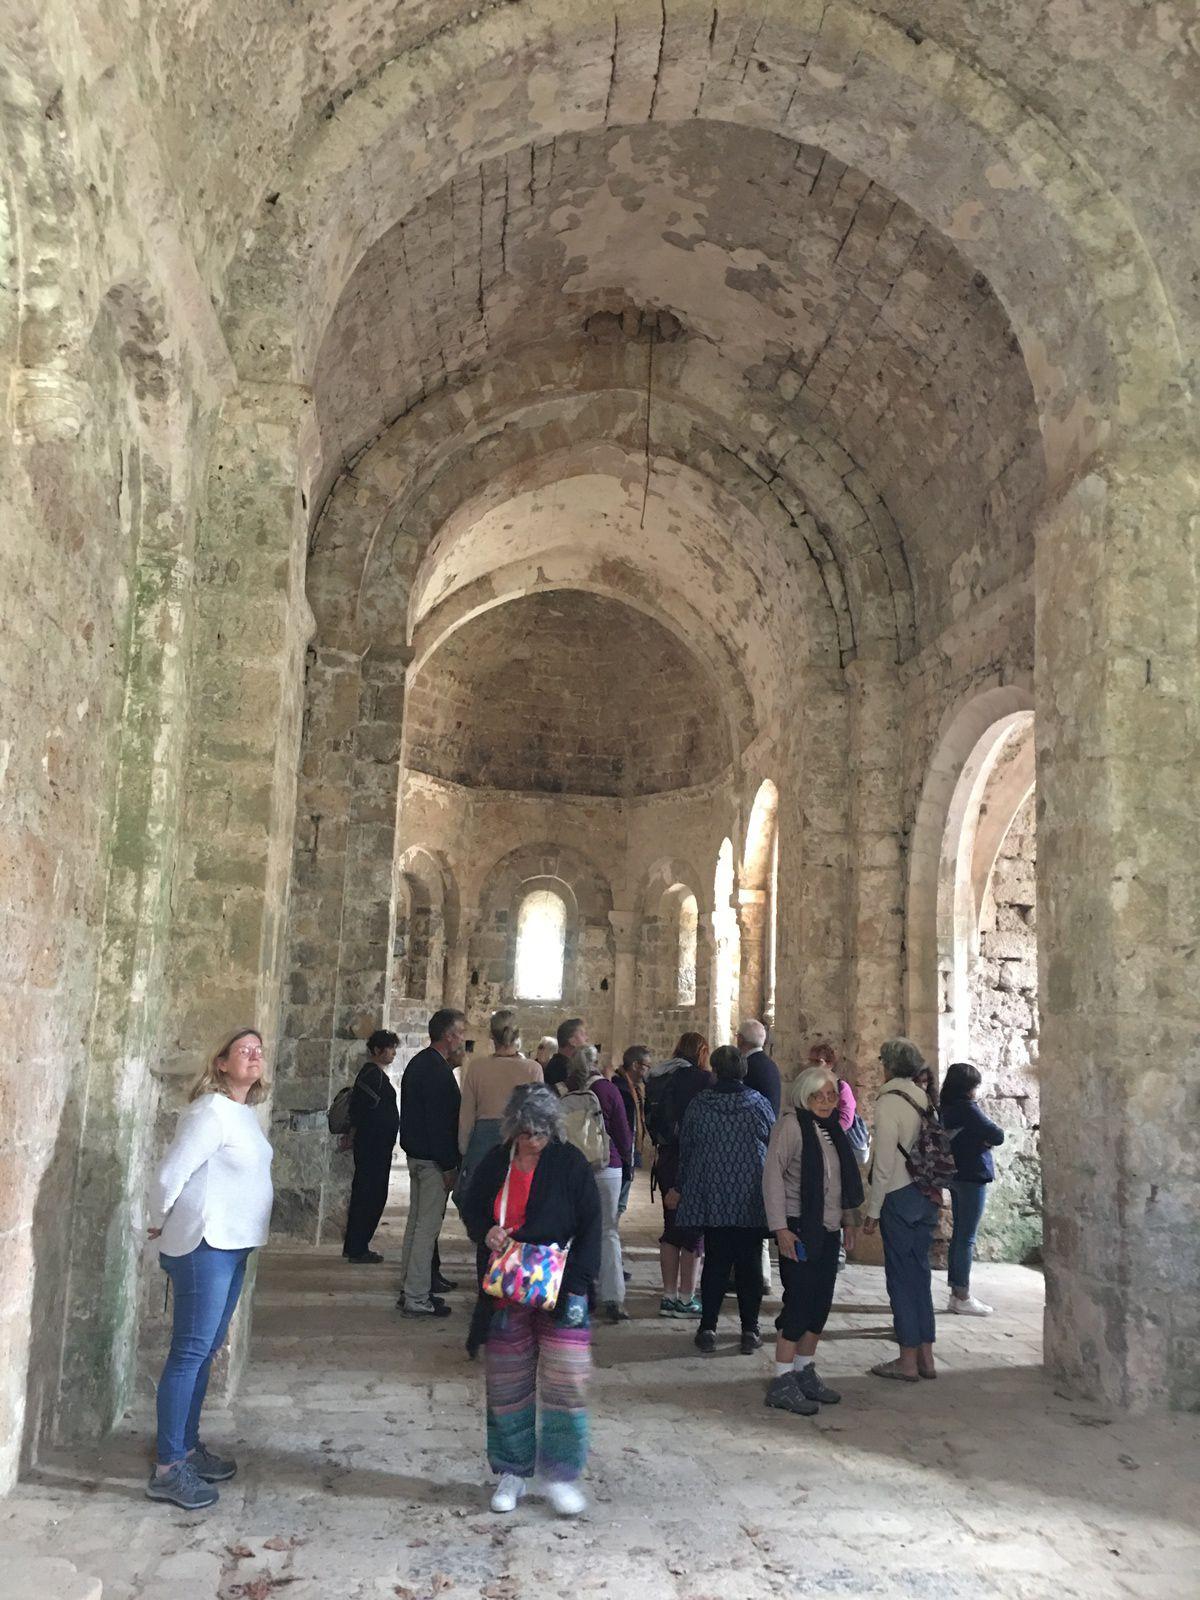 ► WEEK END SORTIE Groupe AVEYRON 2021 hauts lieux vibratoires et sacrés La Couvertoirade